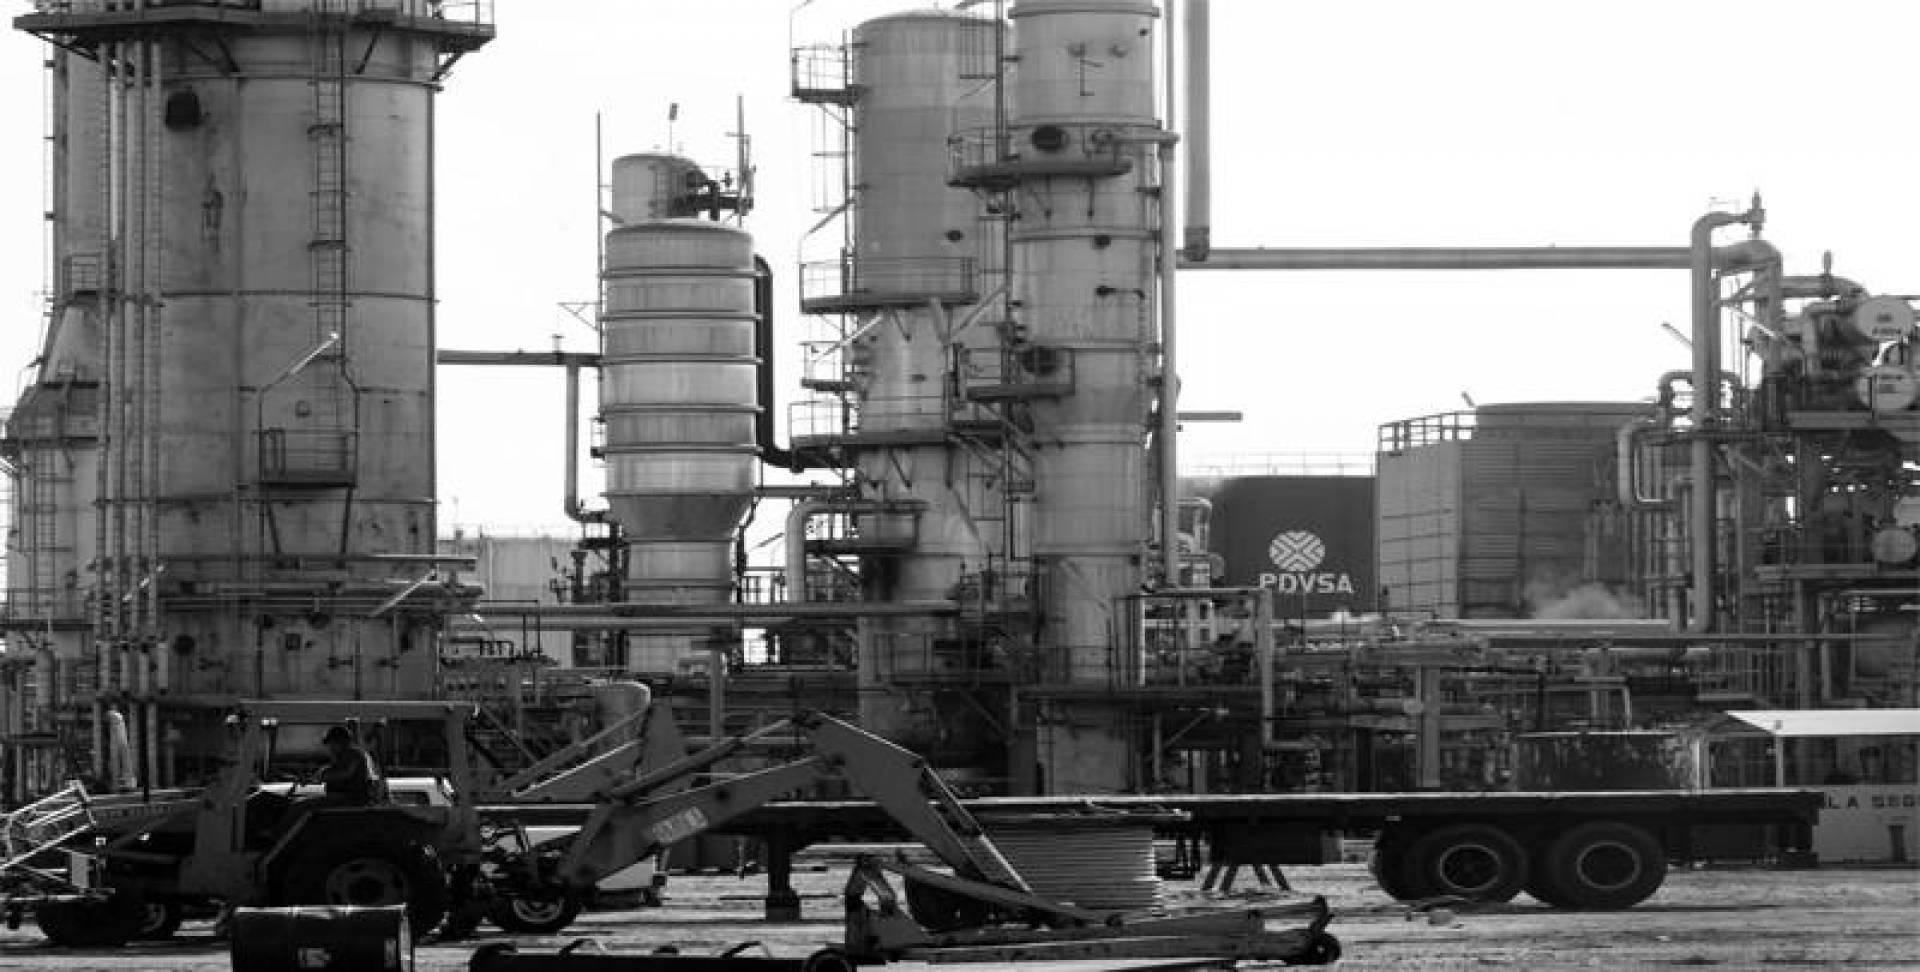 مصفاة النفط باكو غراند في مدينة ماريسبو الفنزويلية تواصل عملها علي الرغم من الإضراب في البلاد.. أرشيفية